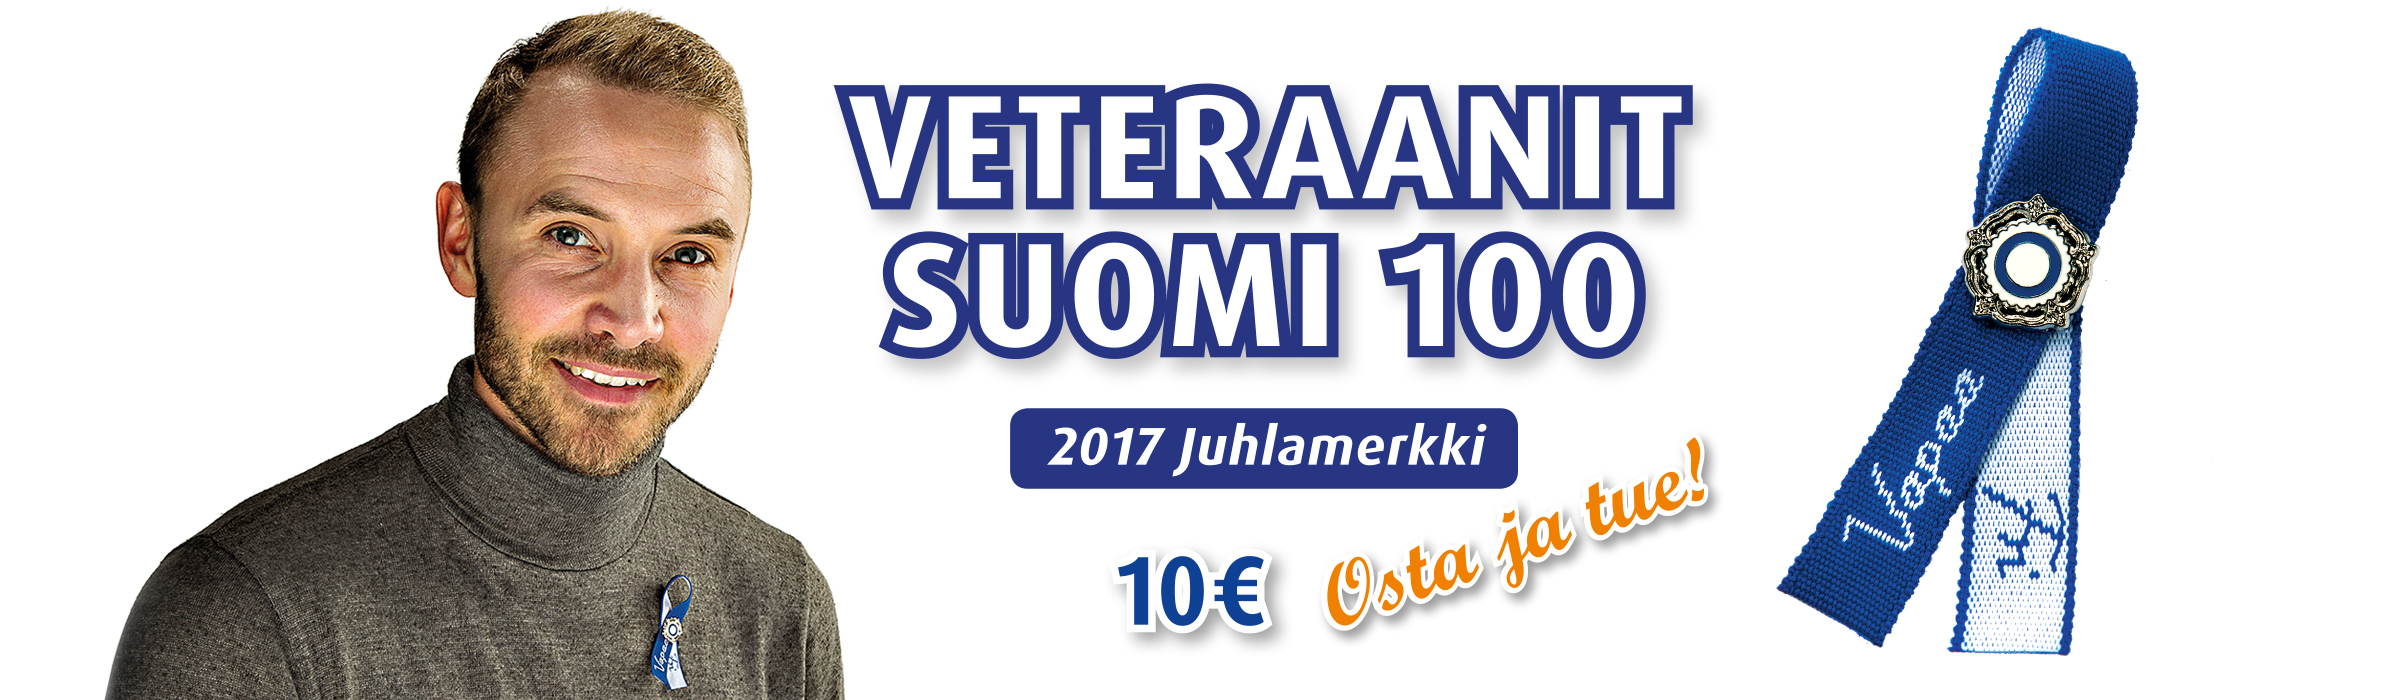 Suomen Sotaveteraanit Elossa